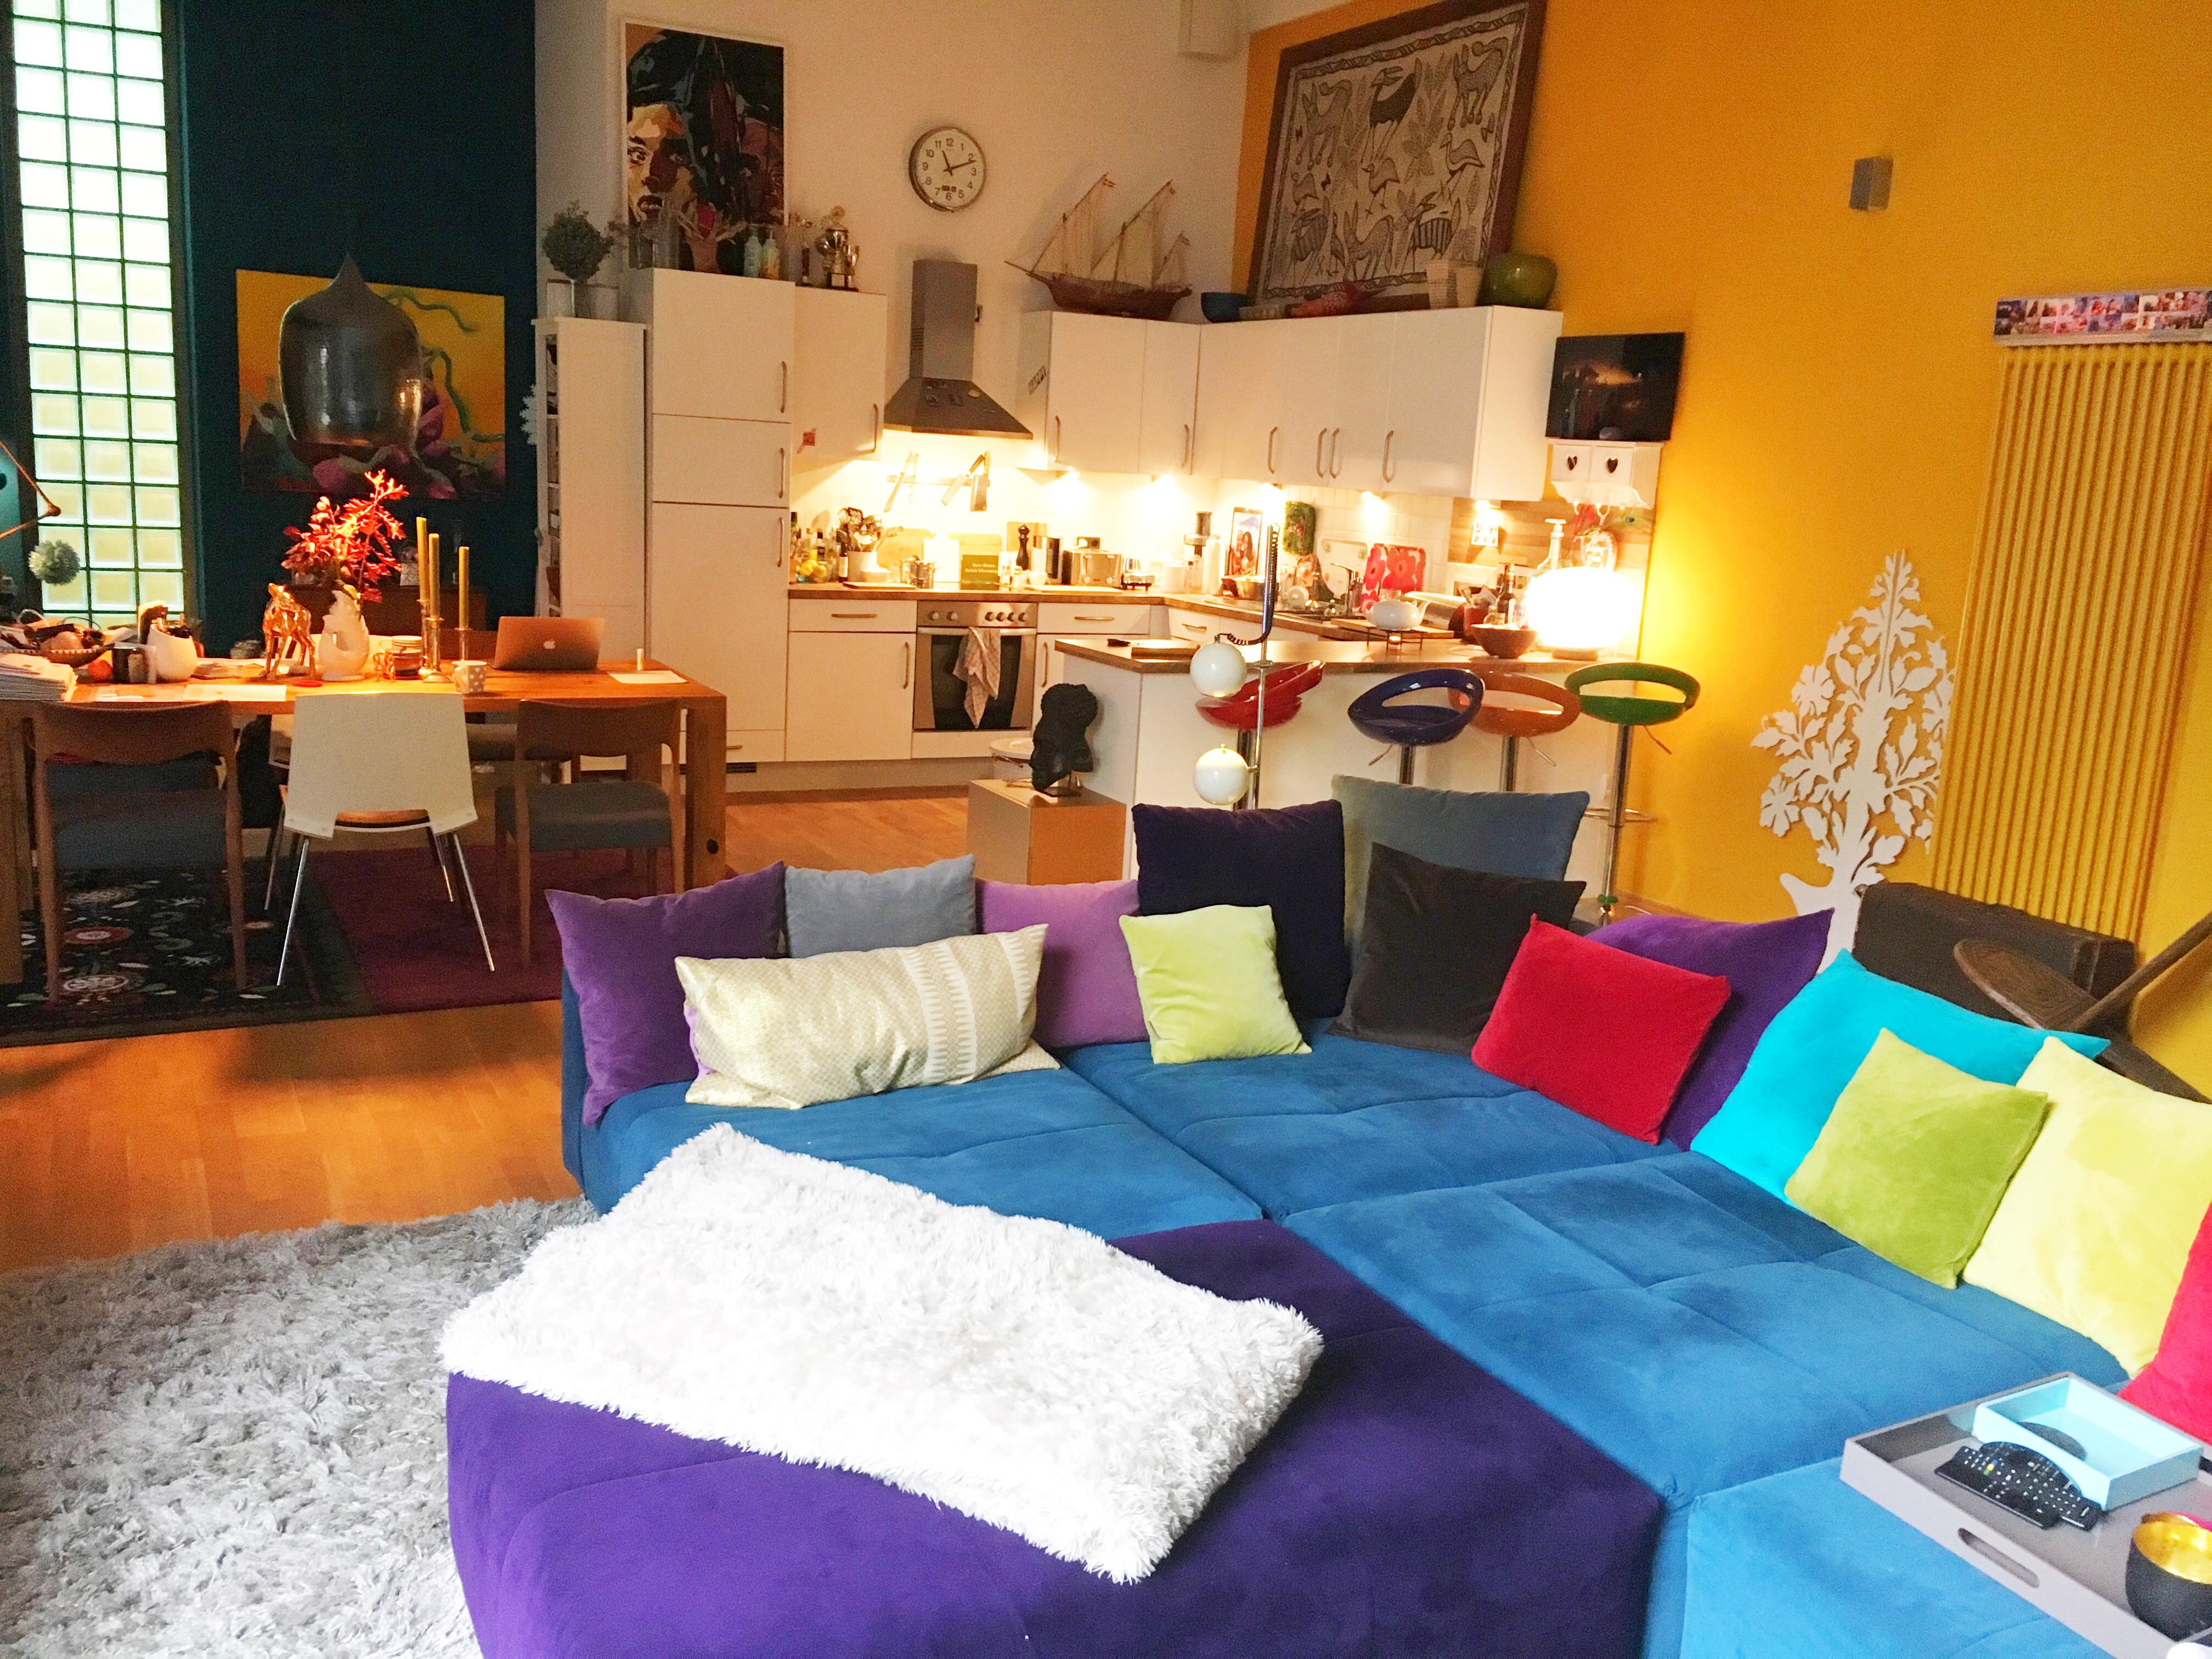 starke farben f r zuhause r umen neues leben einhauchen. Black Bedroom Furniture Sets. Home Design Ideas